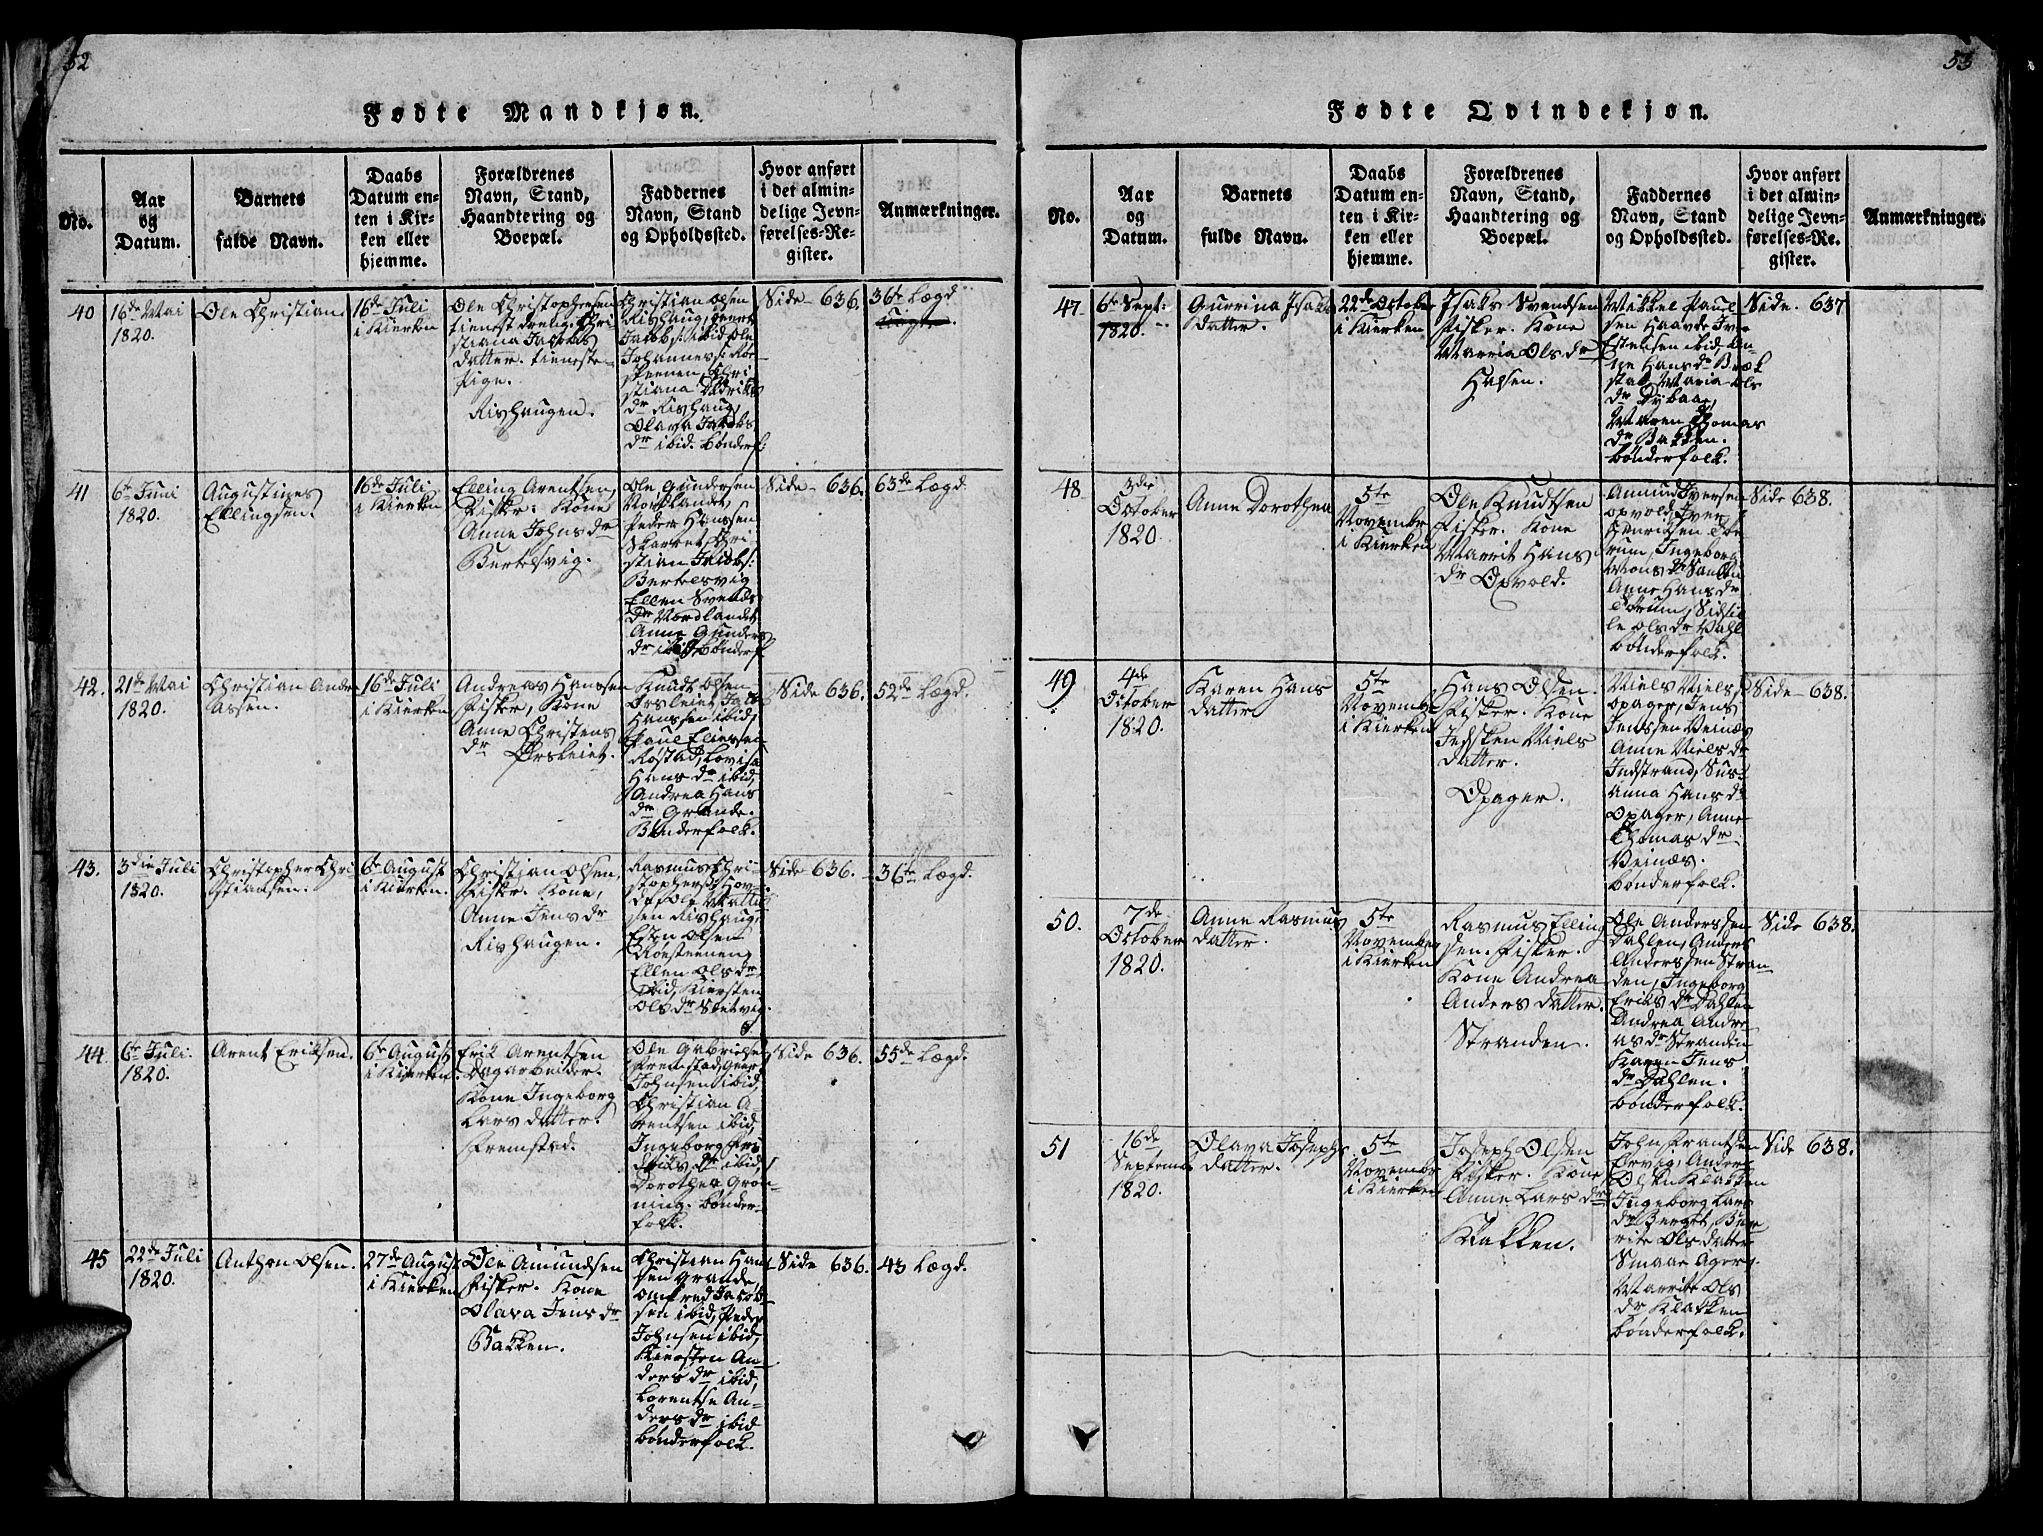 SAT, Ministerialprotokoller, klokkerbøker og fødselsregistre - Sør-Trøndelag, 659/L0744: Klokkerbok nr. 659C01, 1818-1825, s. 52-53